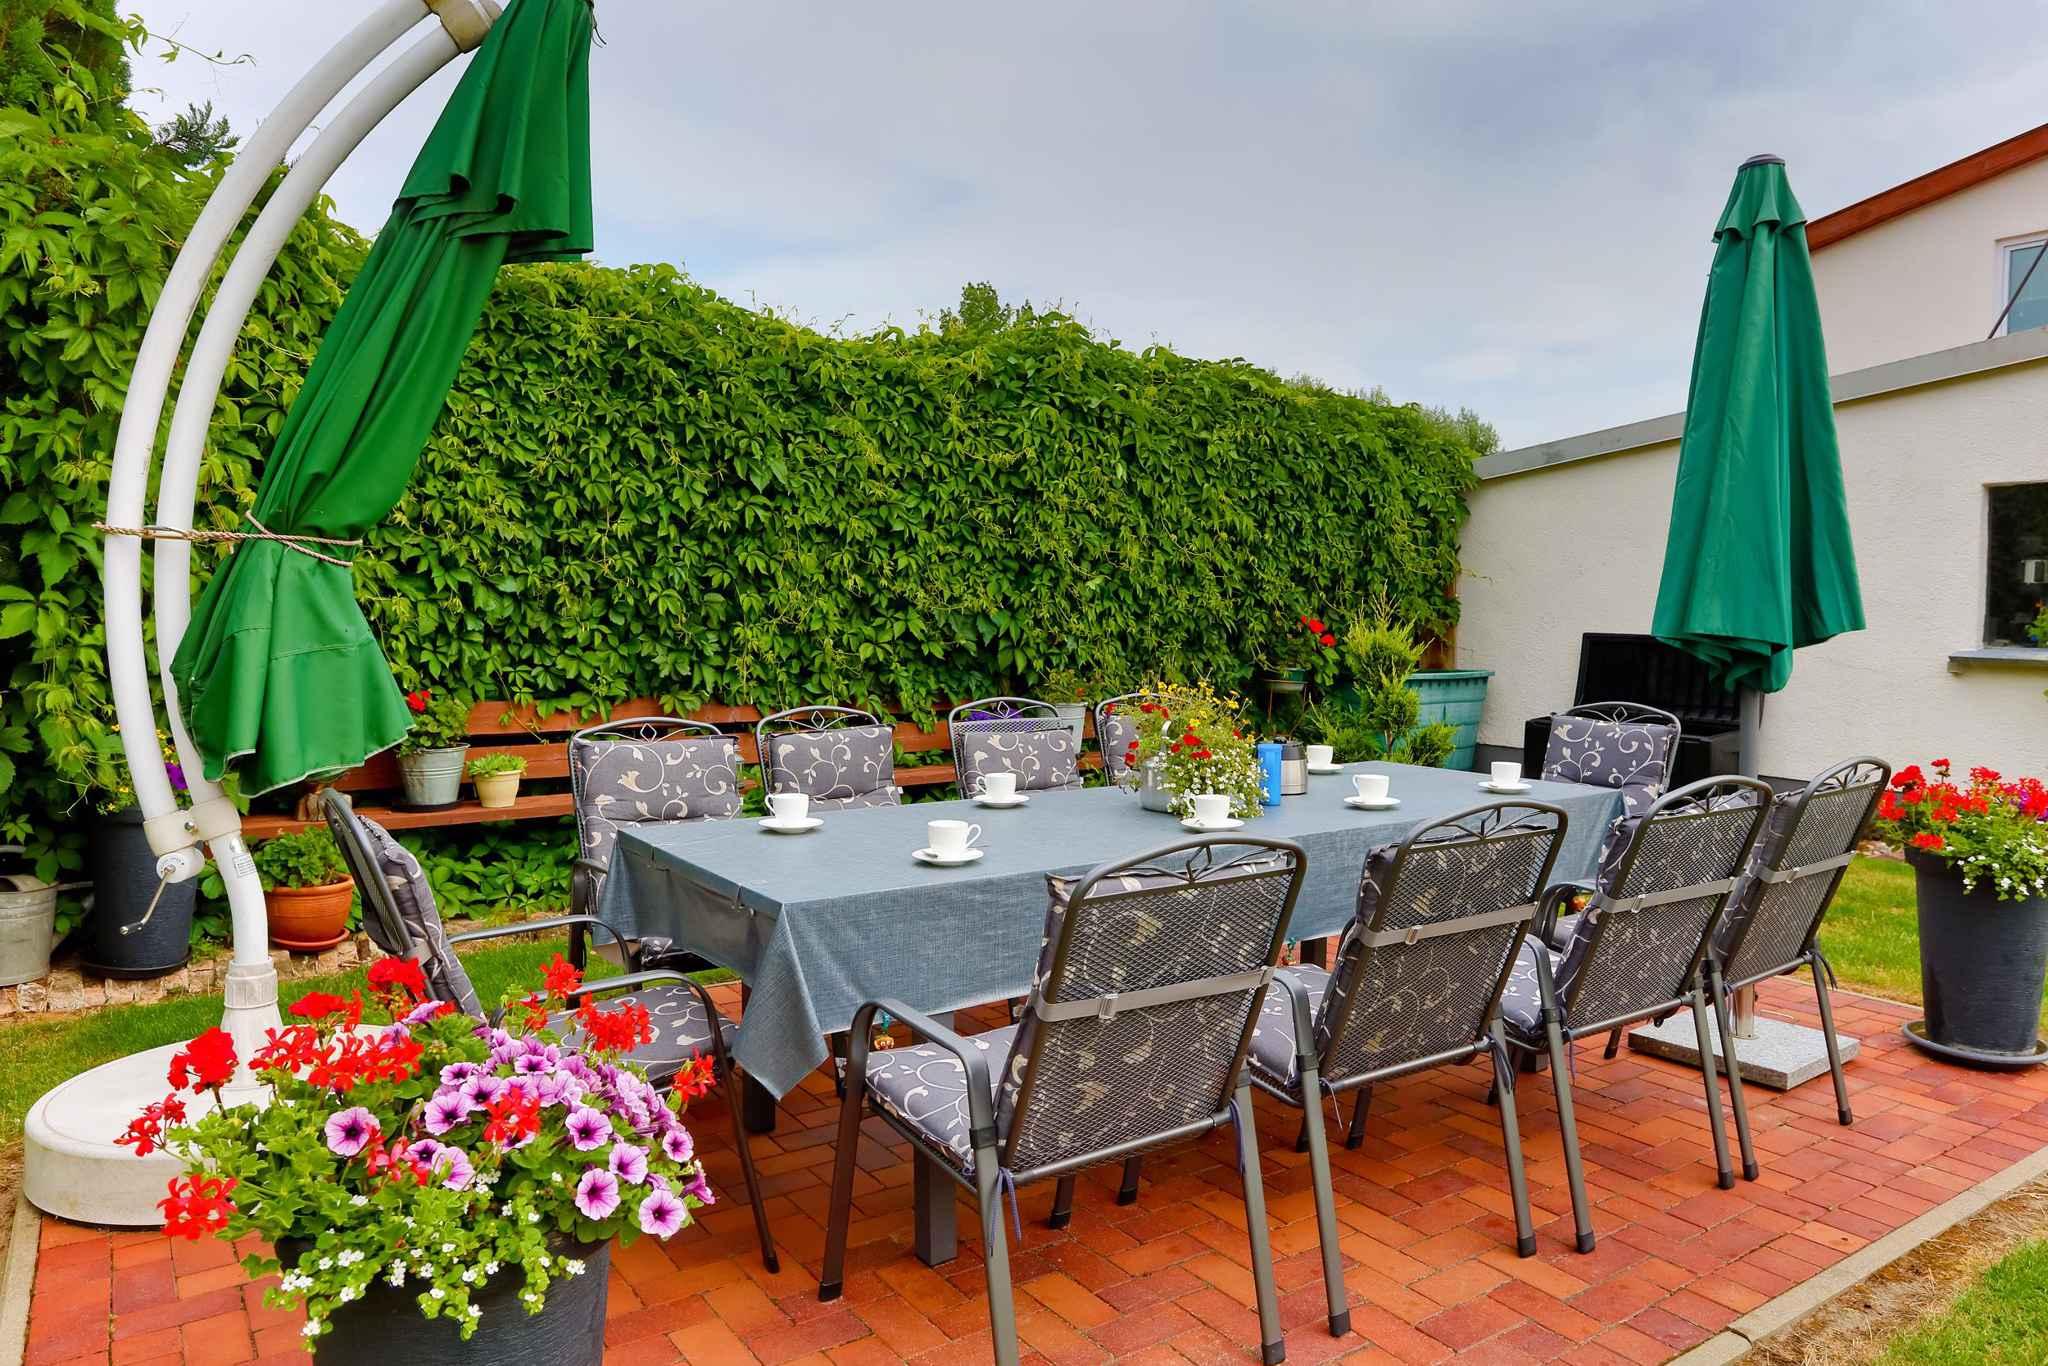 Ferienhaus mit Grillterrasse und Garten (606879), Groß Kordshagen, Stralsund, Mecklenburg-Vorpommern, Deutschland, Bild 3